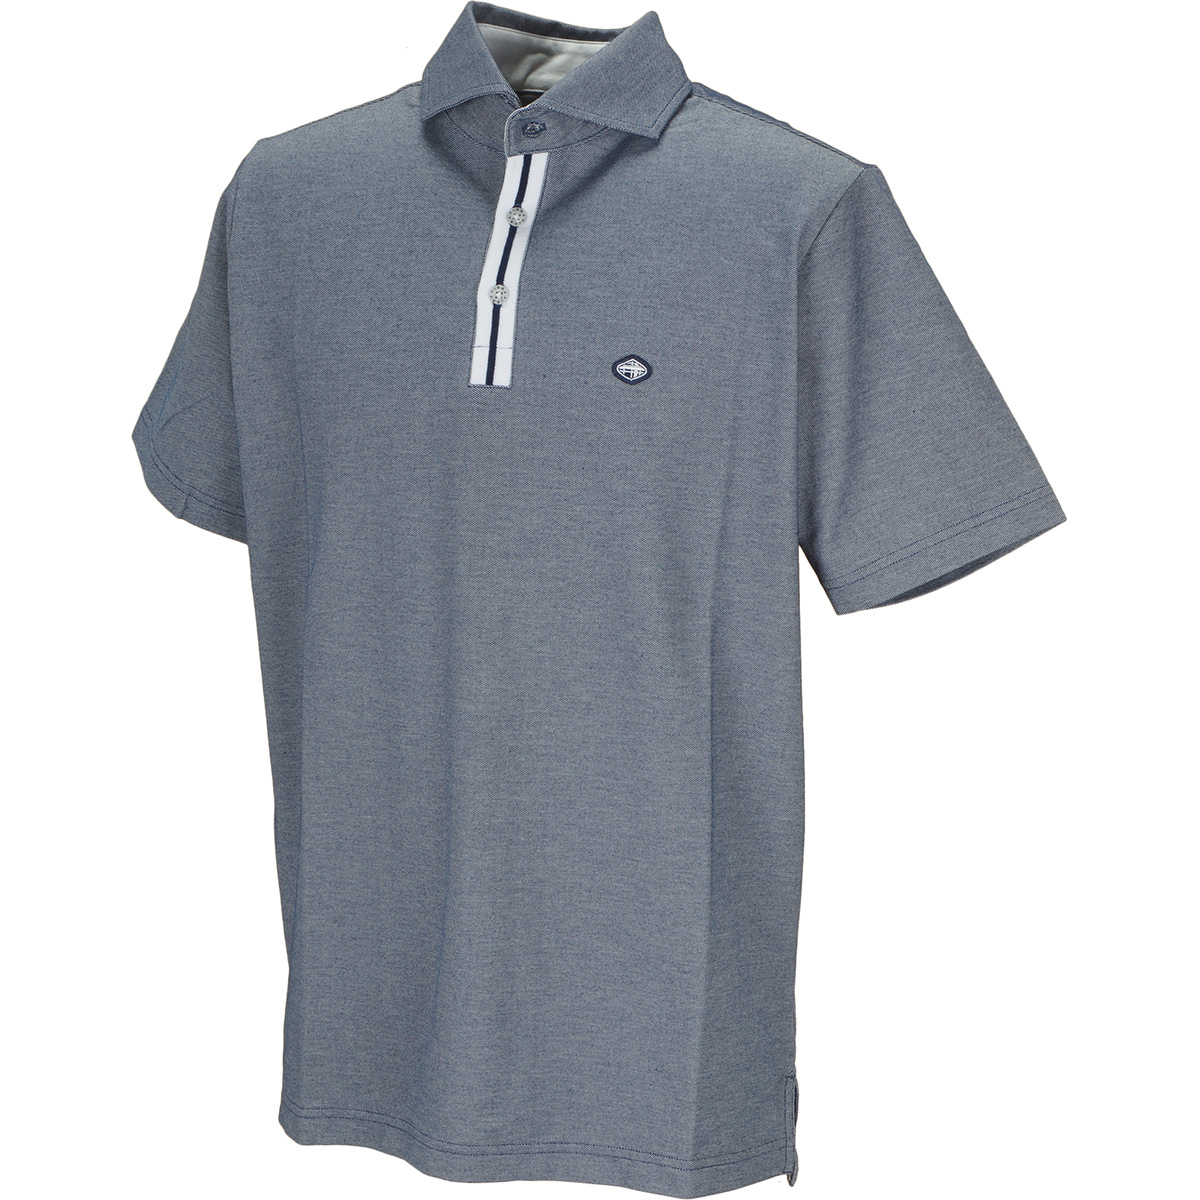 ワイドカラー 半袖ポロシャツ